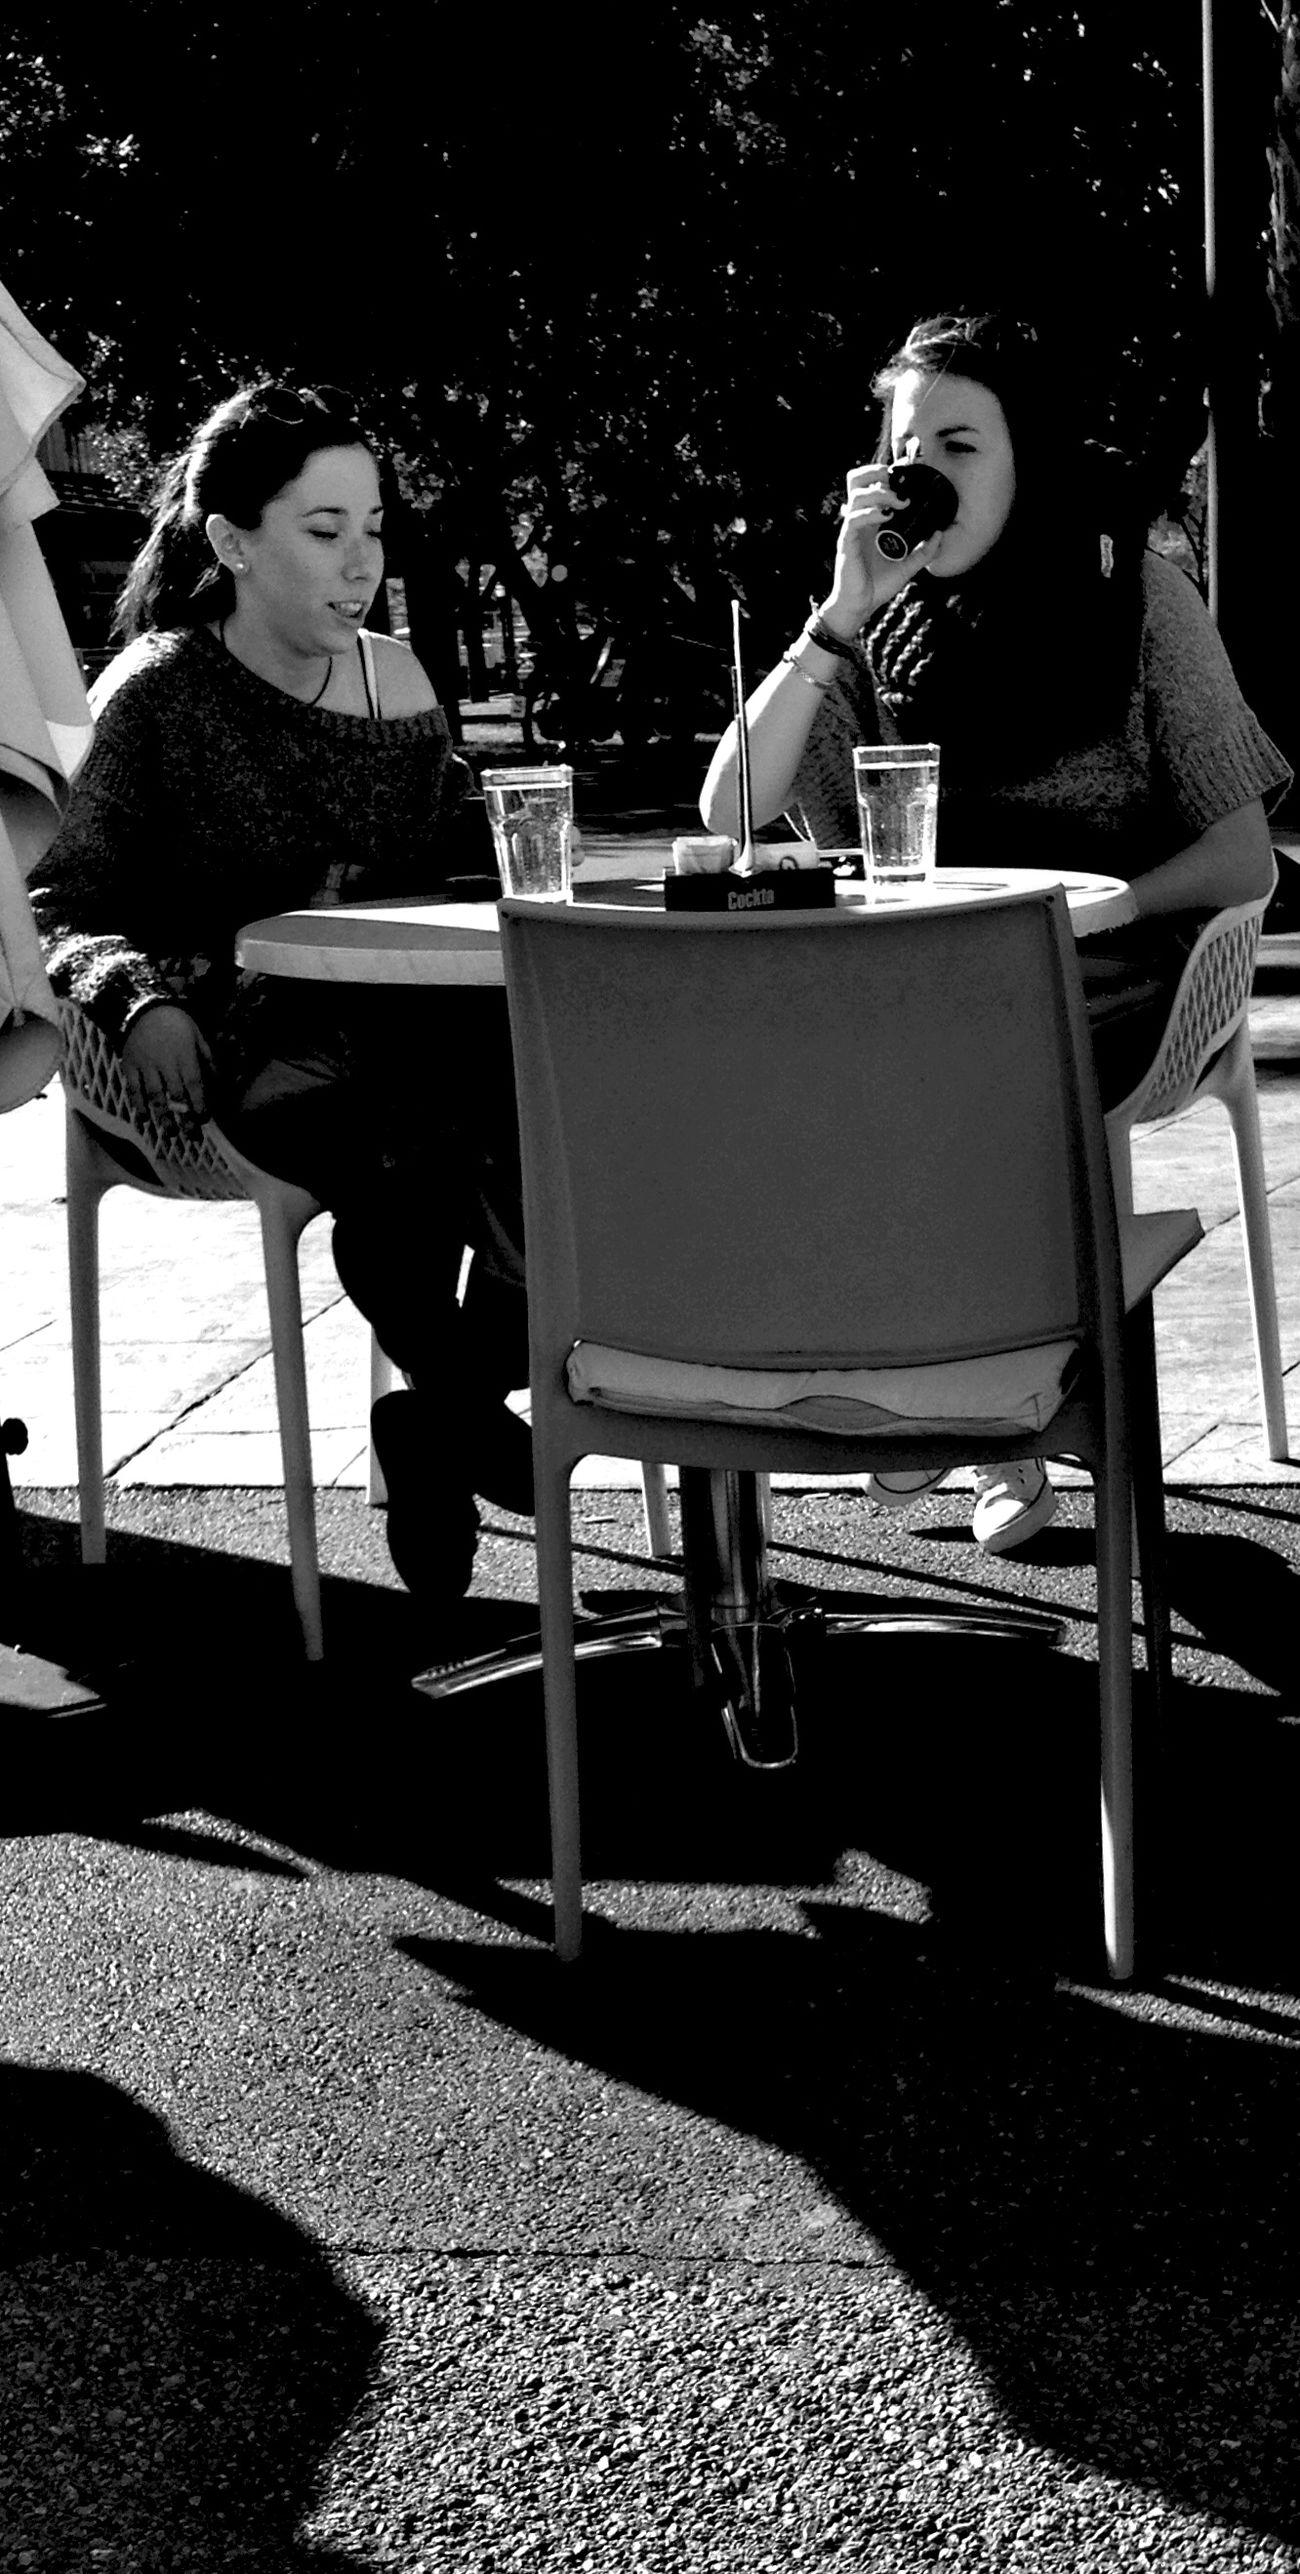 Cajnica Vanila Streetphotography IPhoneography Black & White Monocrome